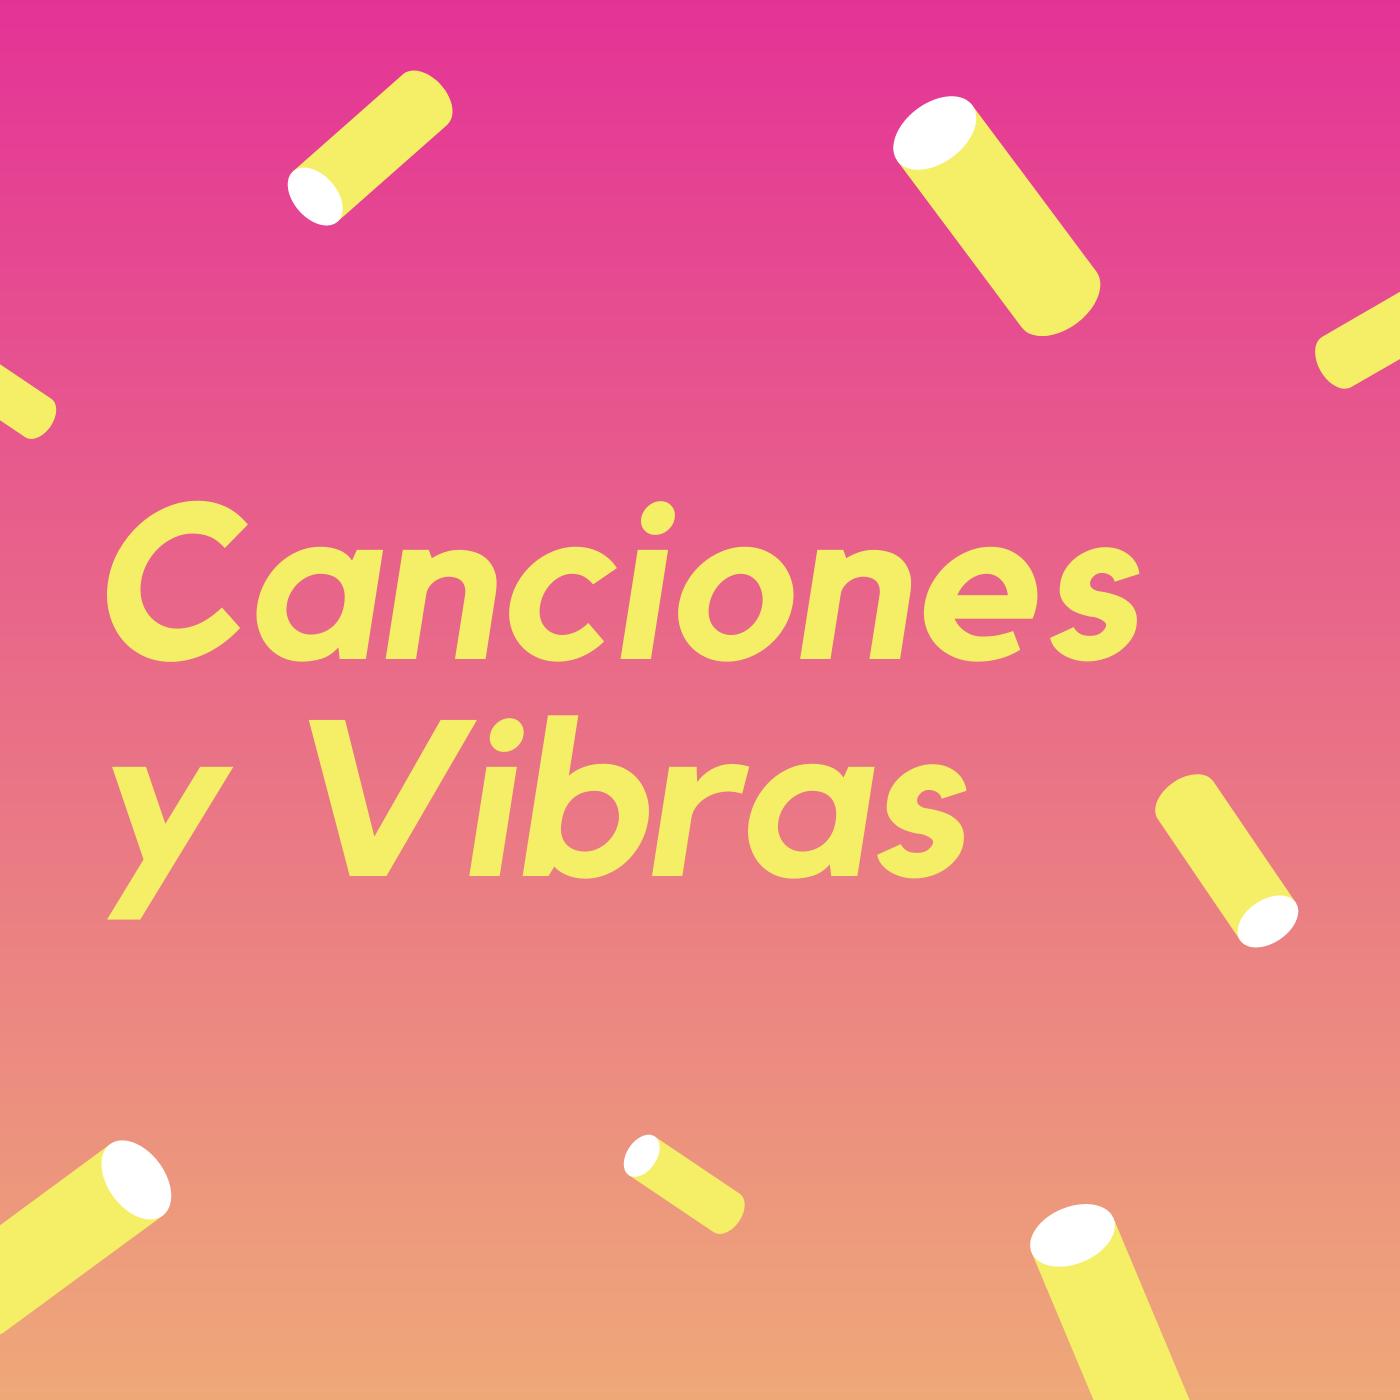 Canciones y Vibras